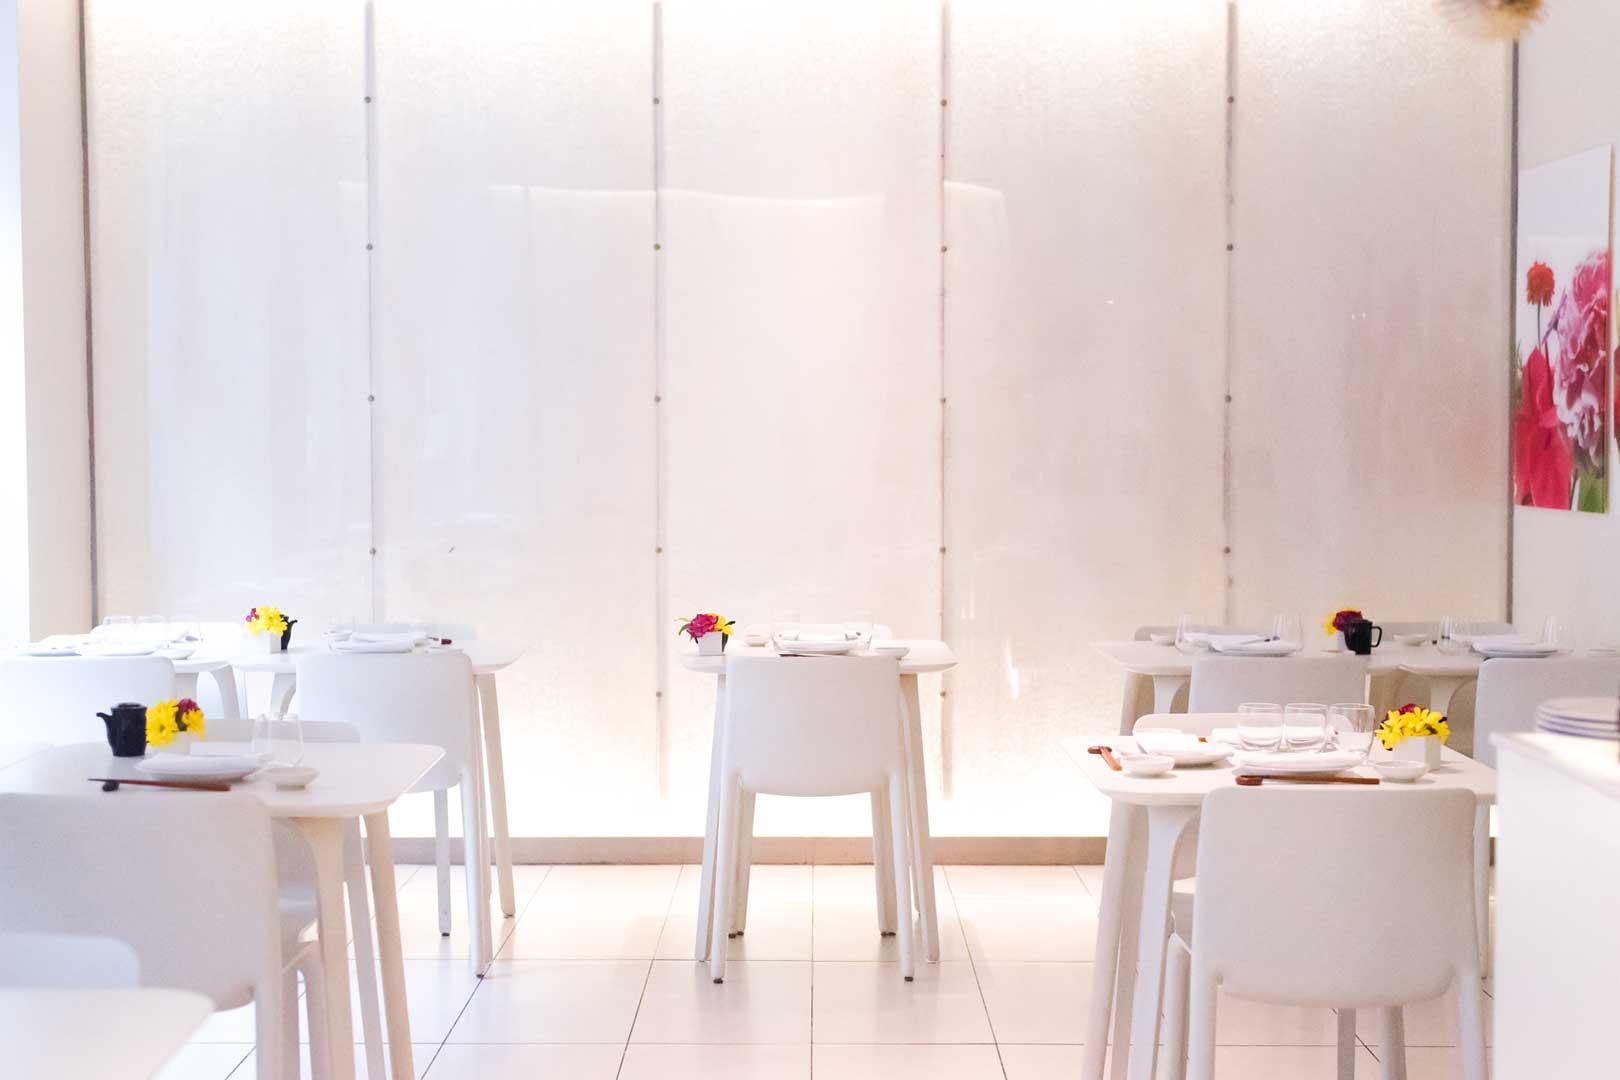 yoshi-milano-tavoli